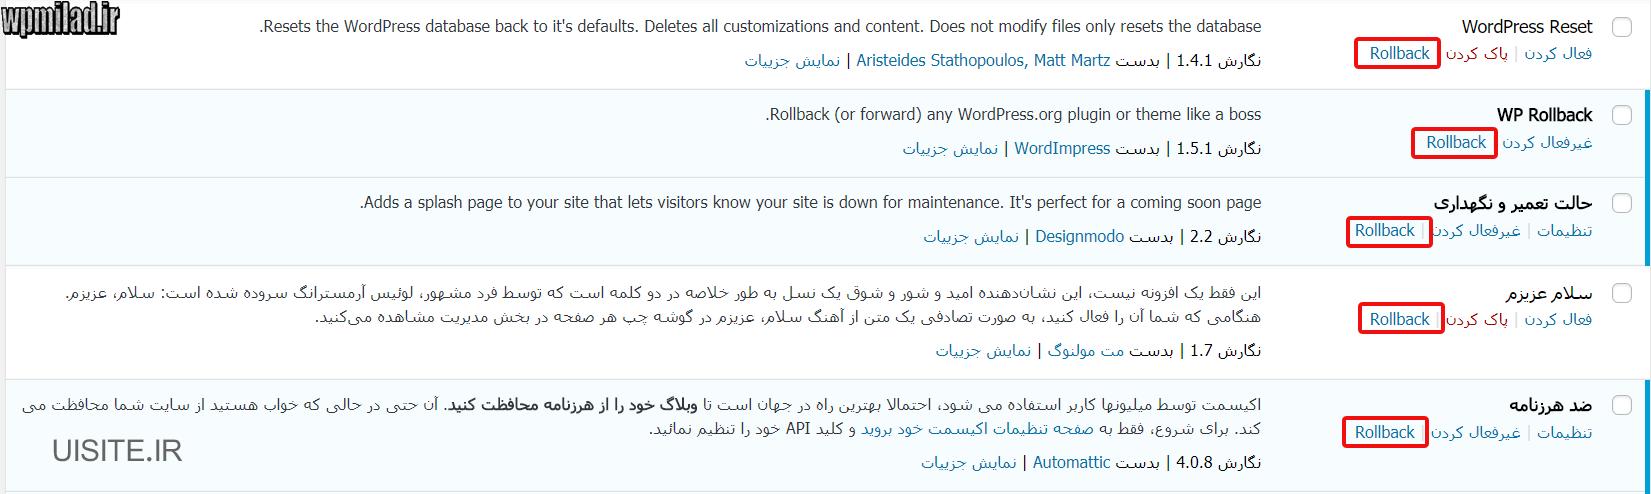 بازگردانی نسخه های قبلی افزونه ها در وردپرس